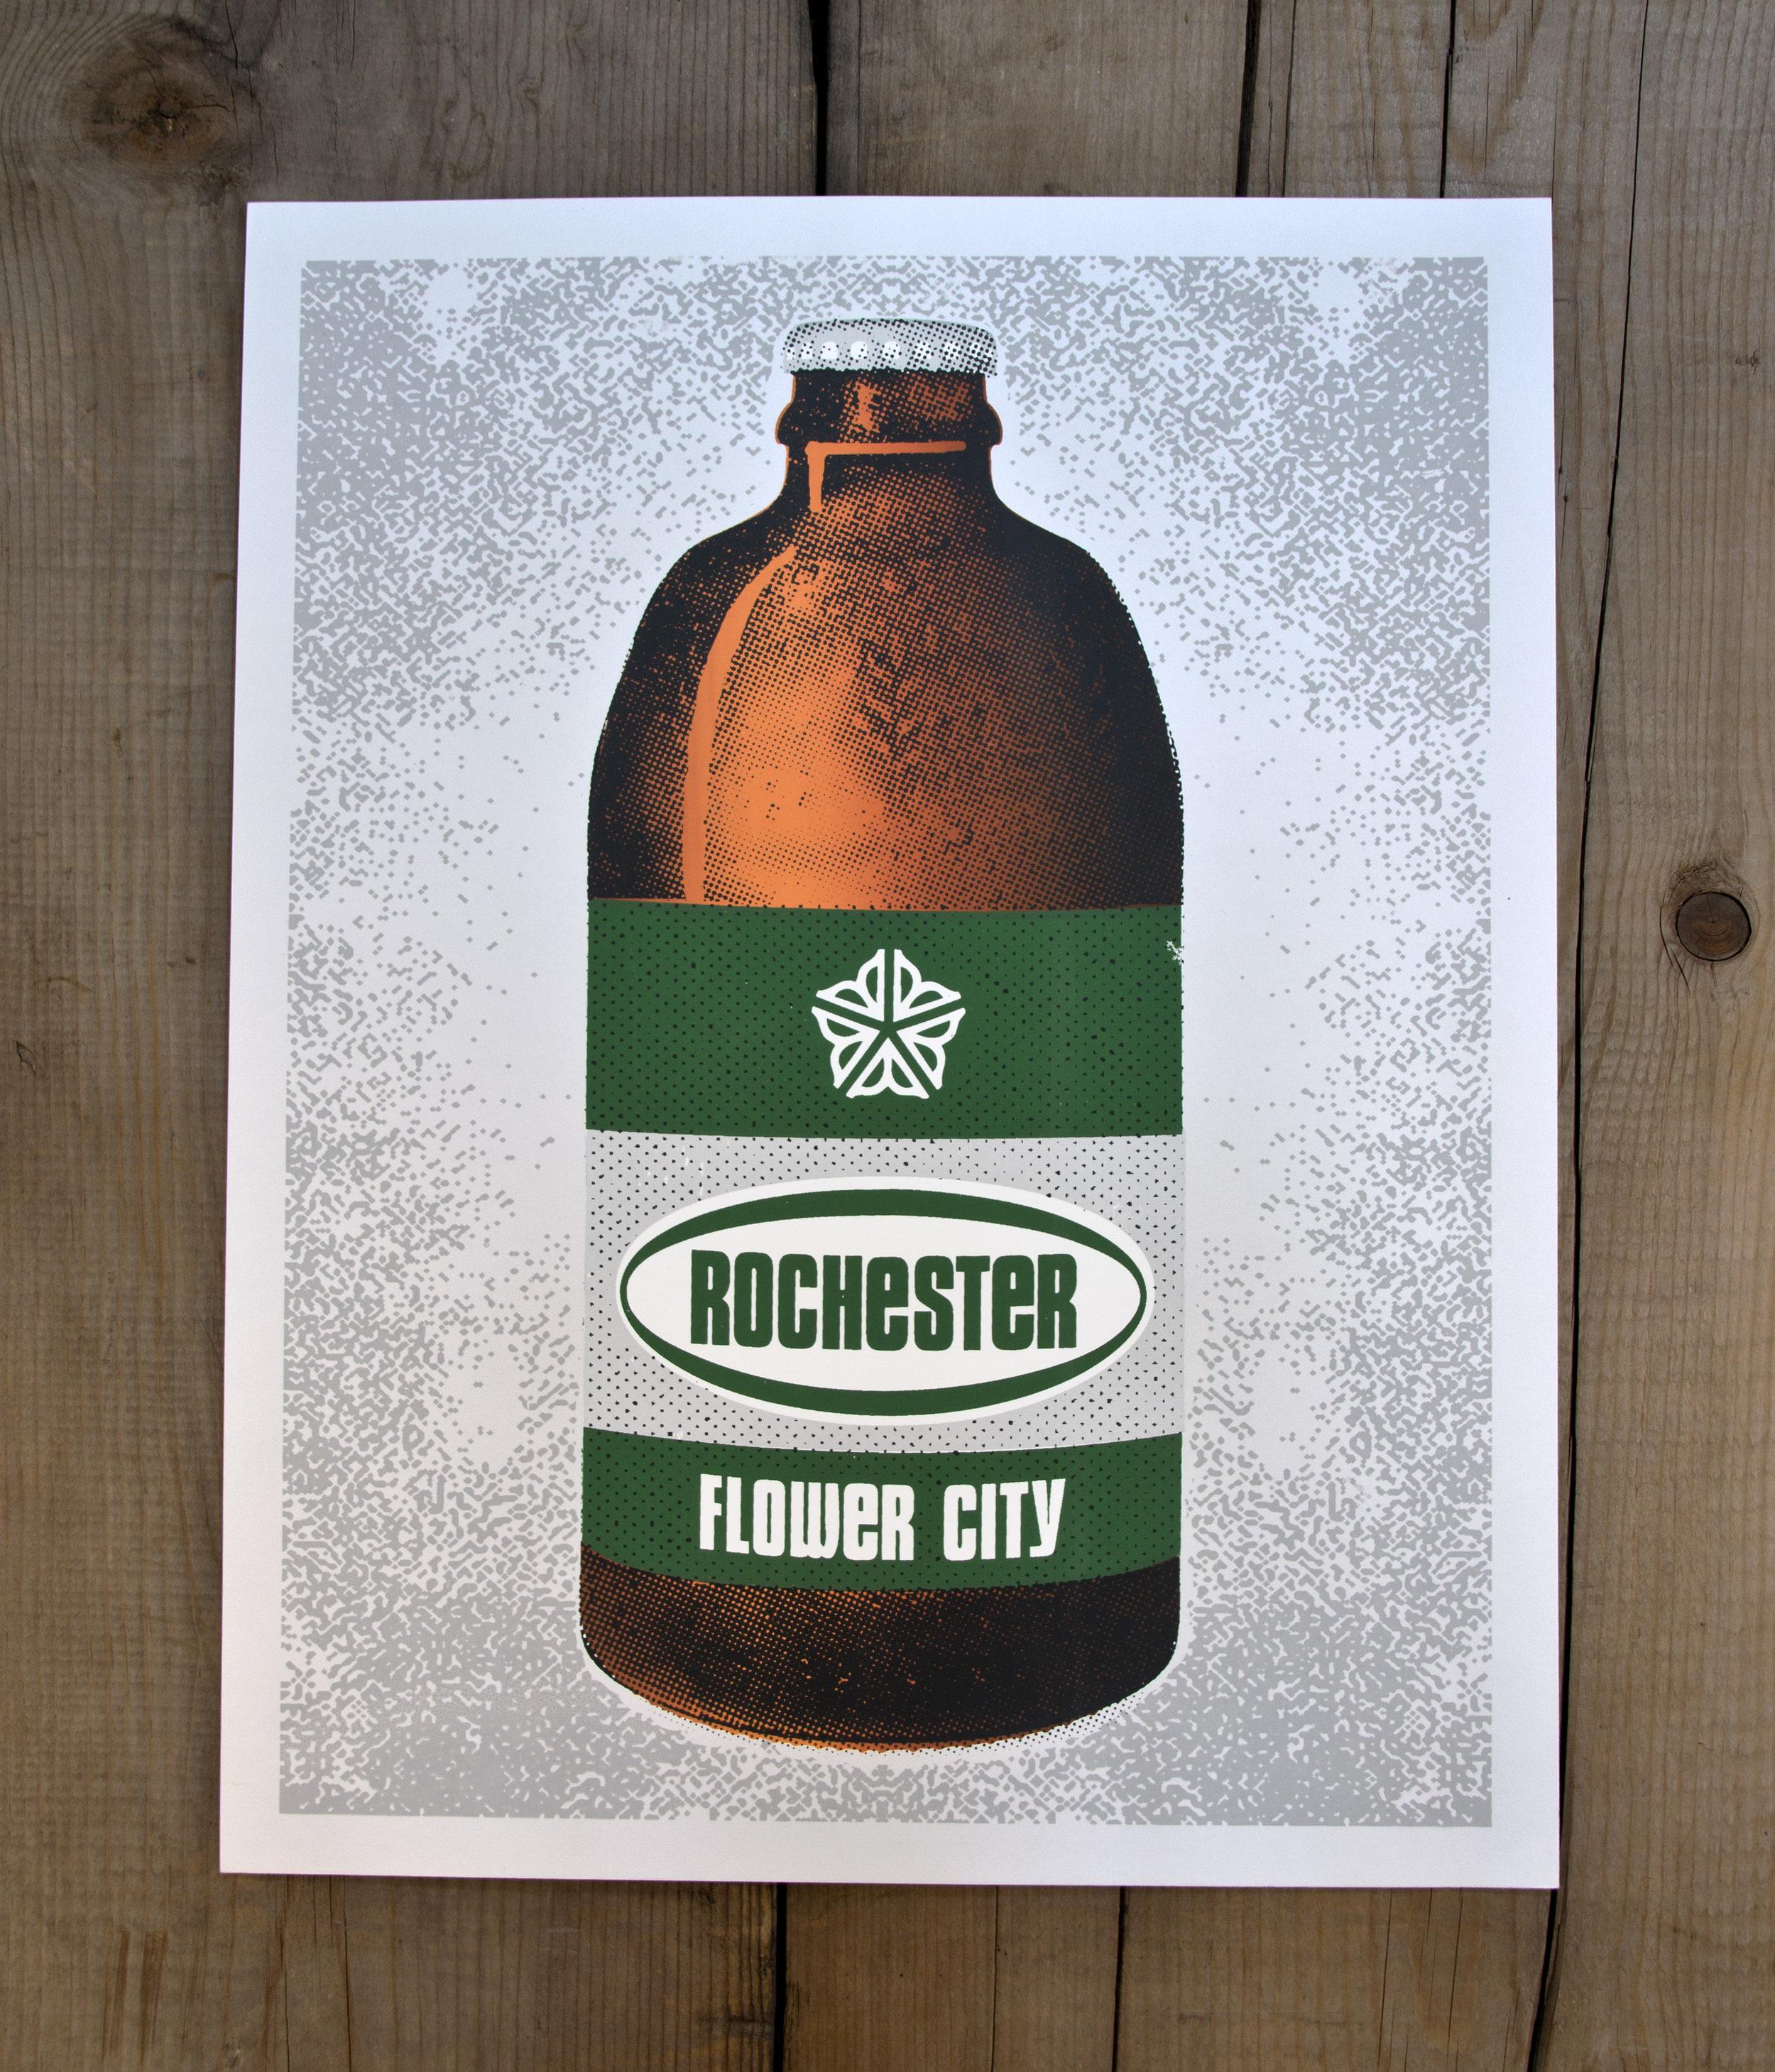 Roc Beer Product.jpg